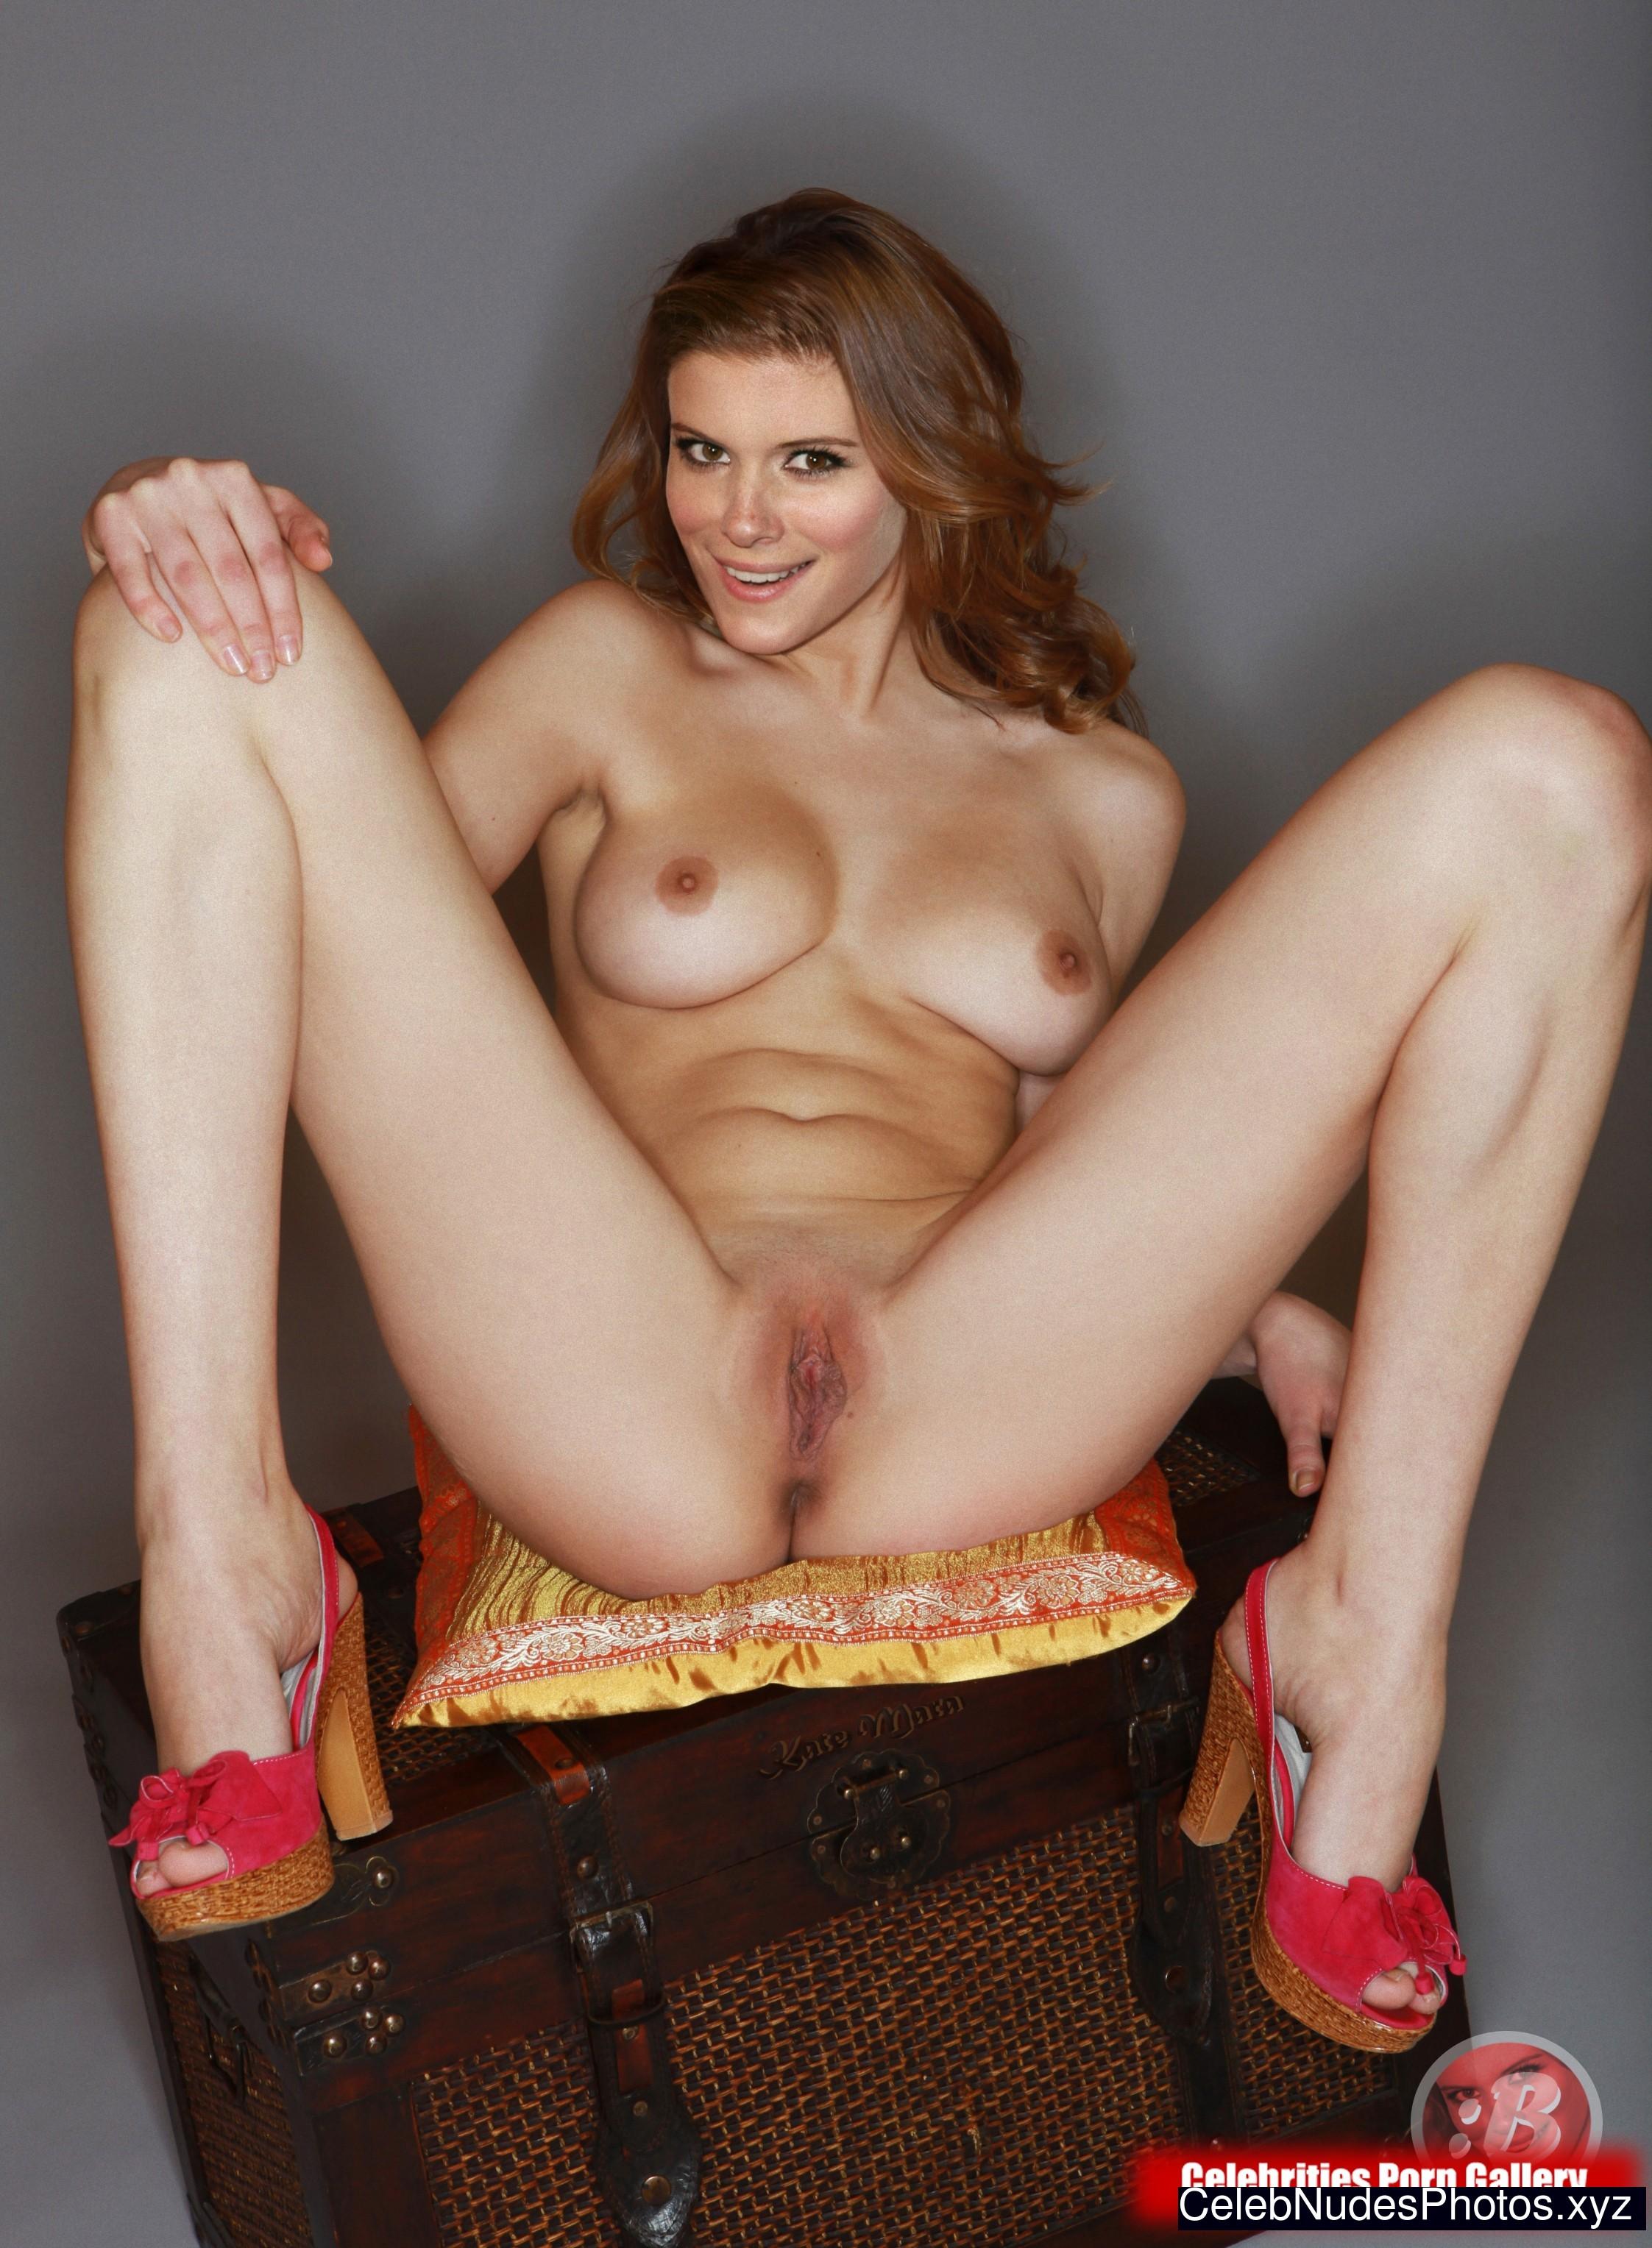 Kate mara fake nude